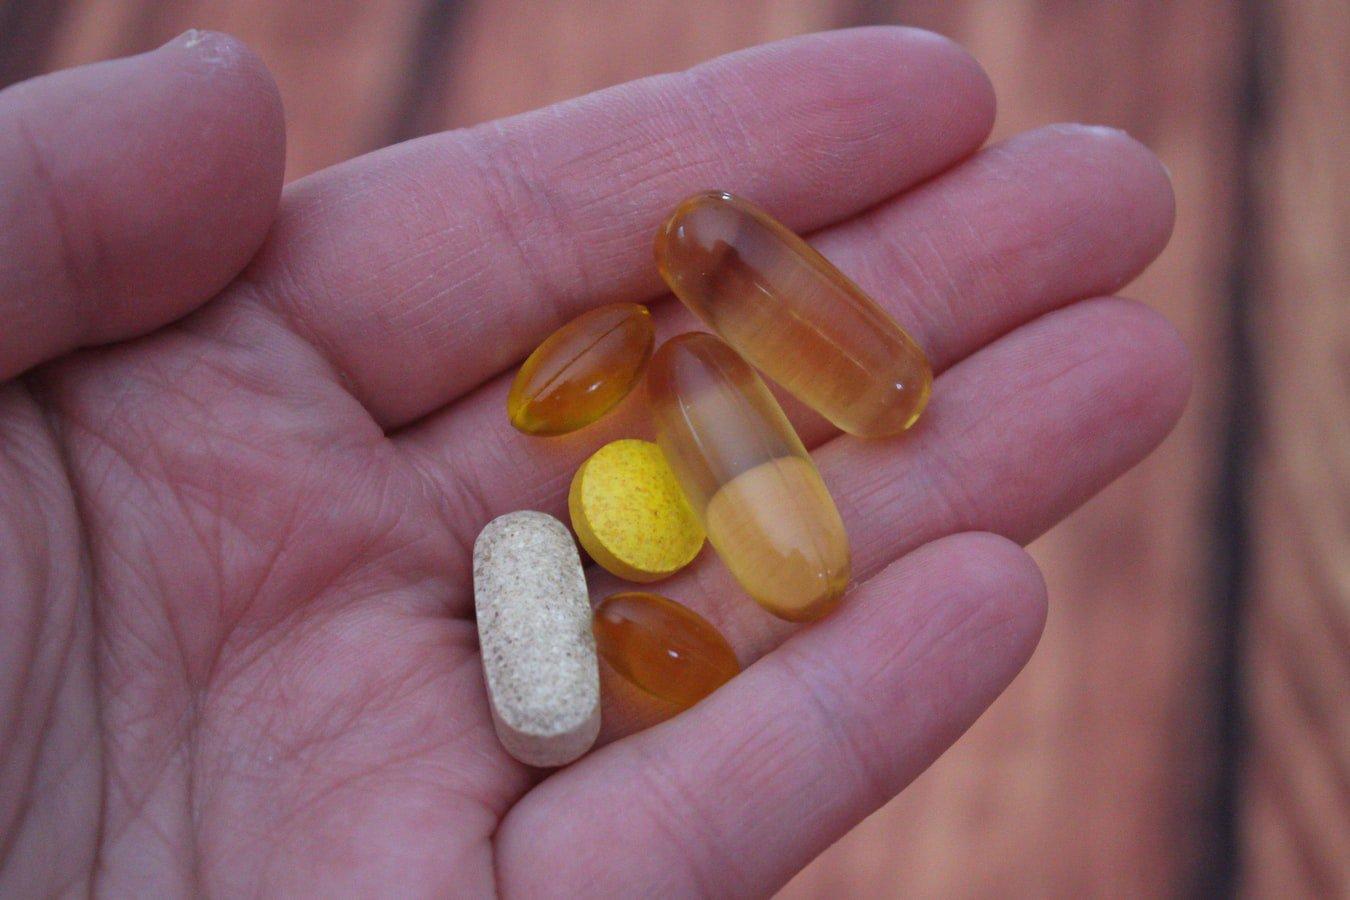 An individual getting prescriptions through their Medicare Part D plan.